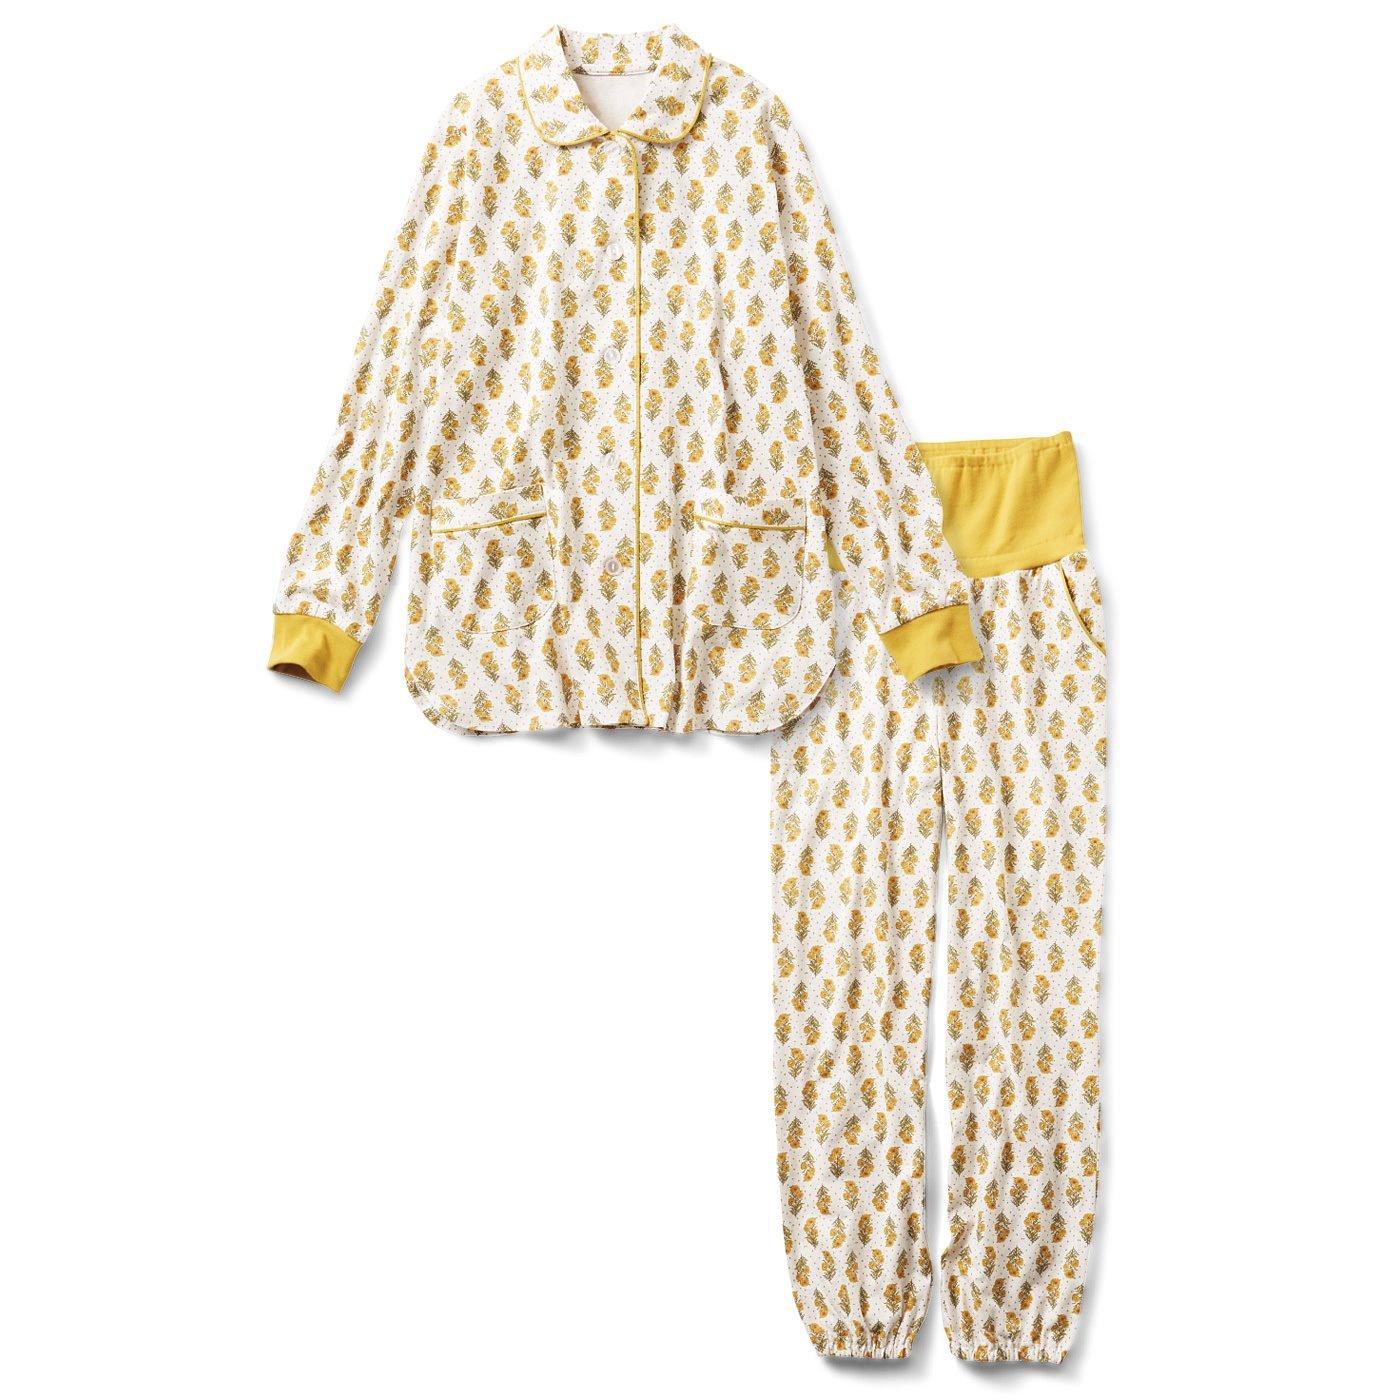 リブ イン コンフォート 素肌に気持ちいい 綿素材のカットソープリントパジャマ